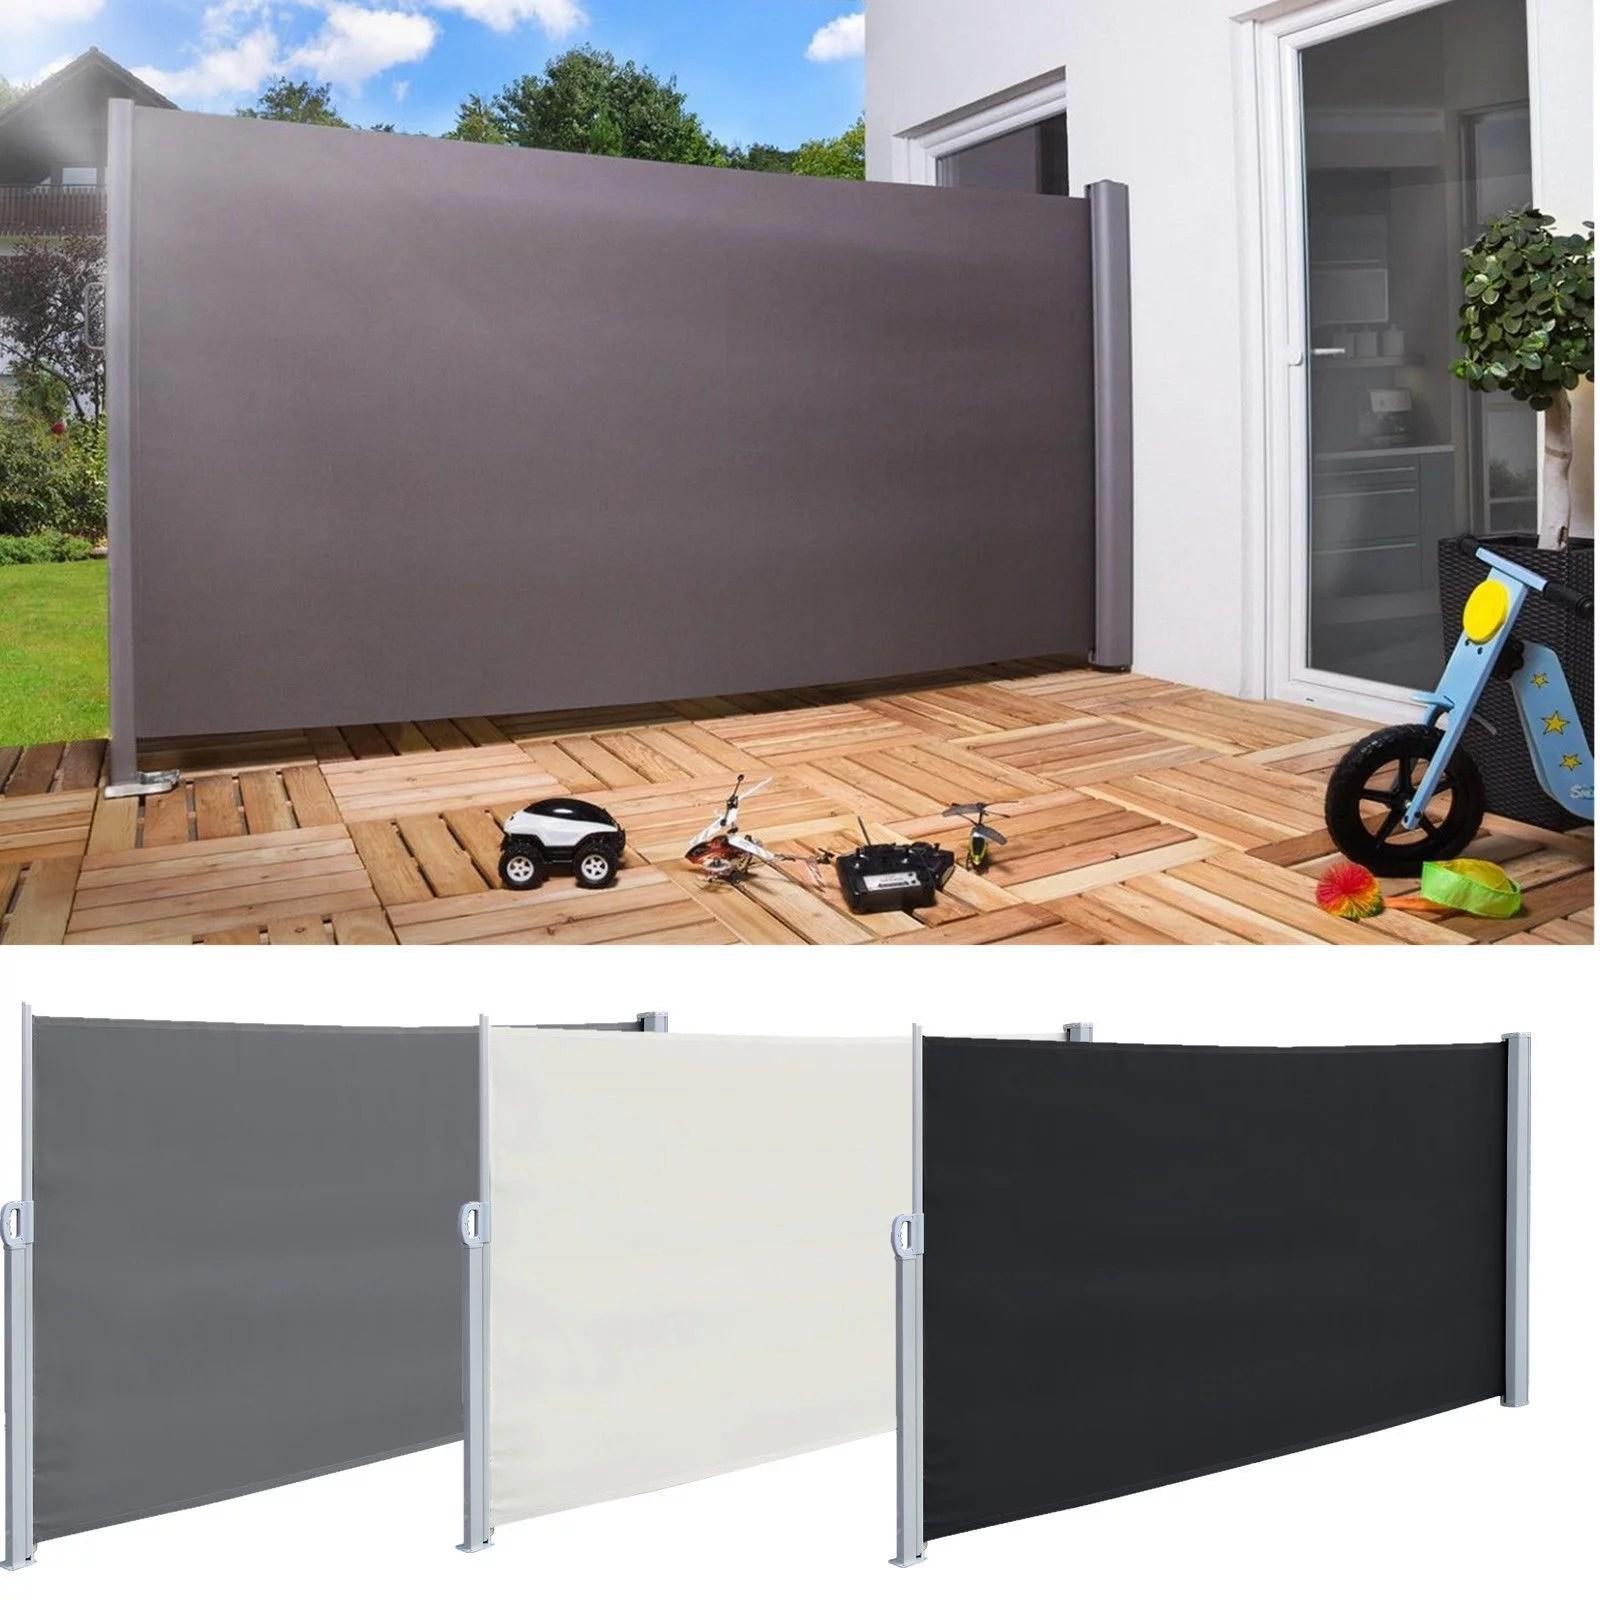 5 9 x9 8 sunshade retractable outdoor patio privacy divider screen walmart com